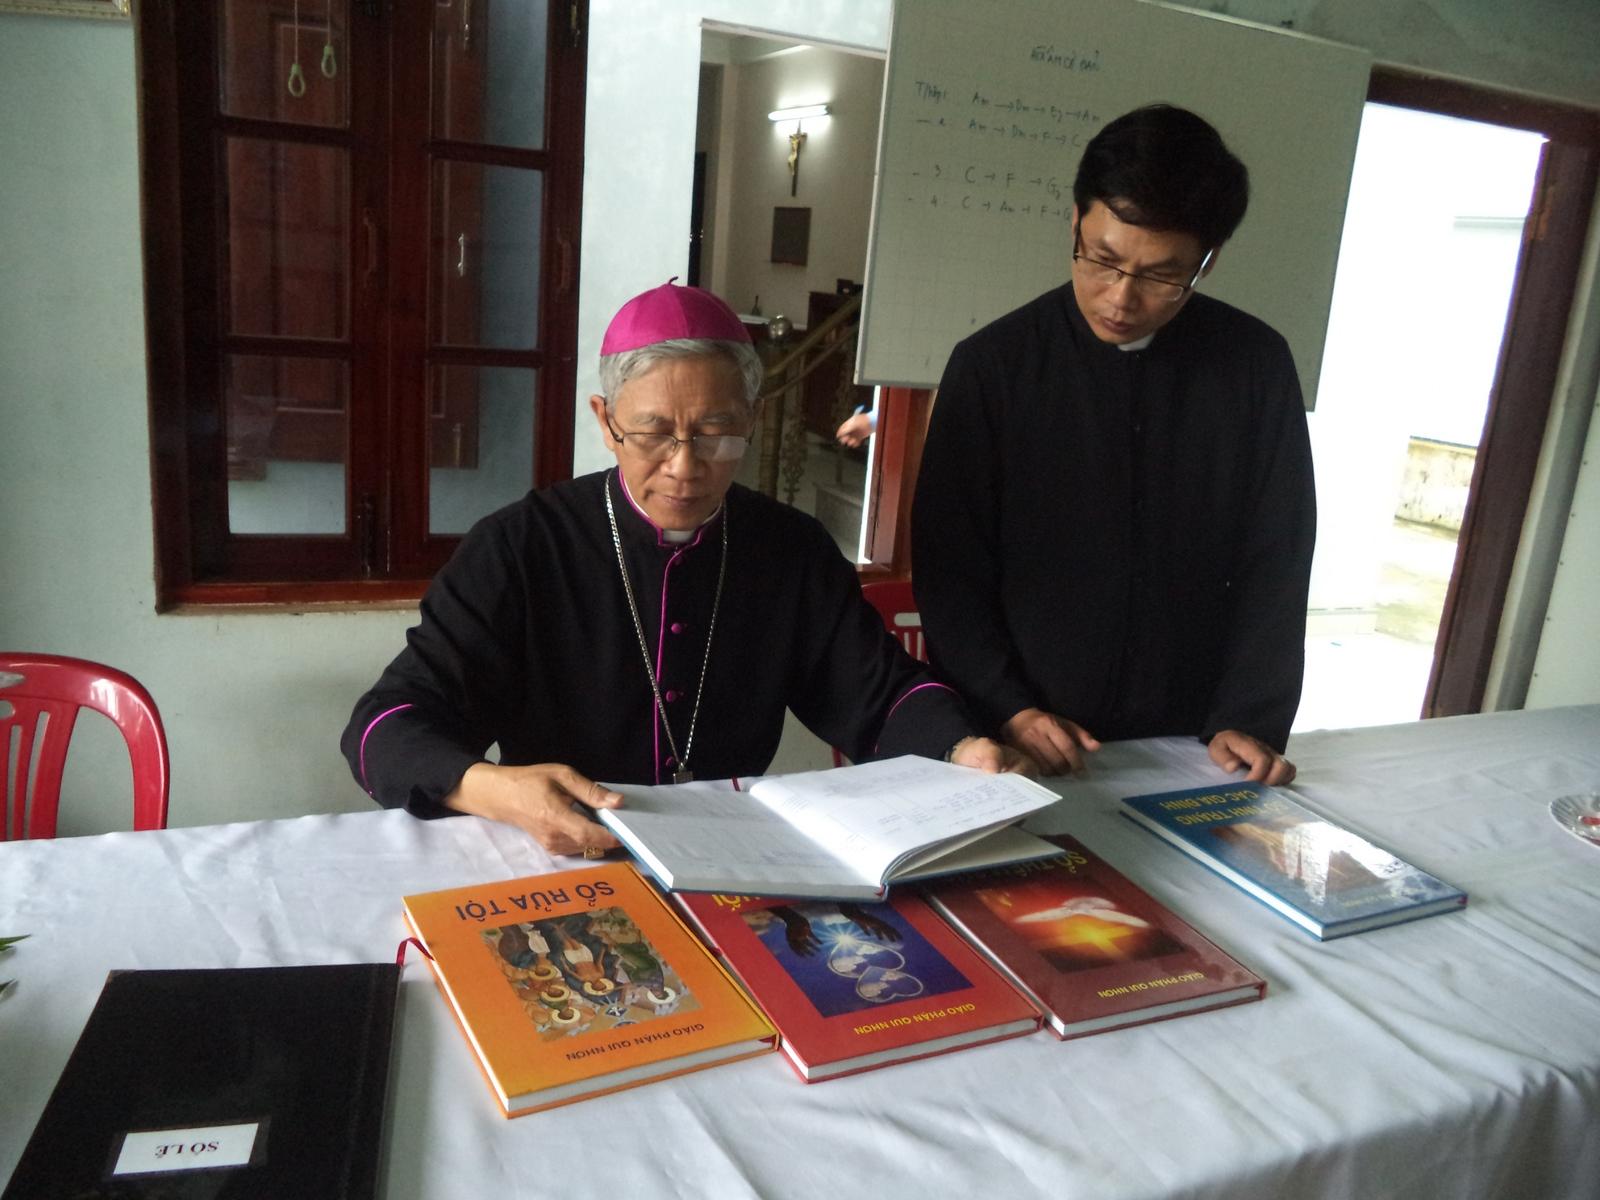 Đức Giám mục Giáo phận Qui nhơn kinh lý giáo xứ Tân quán